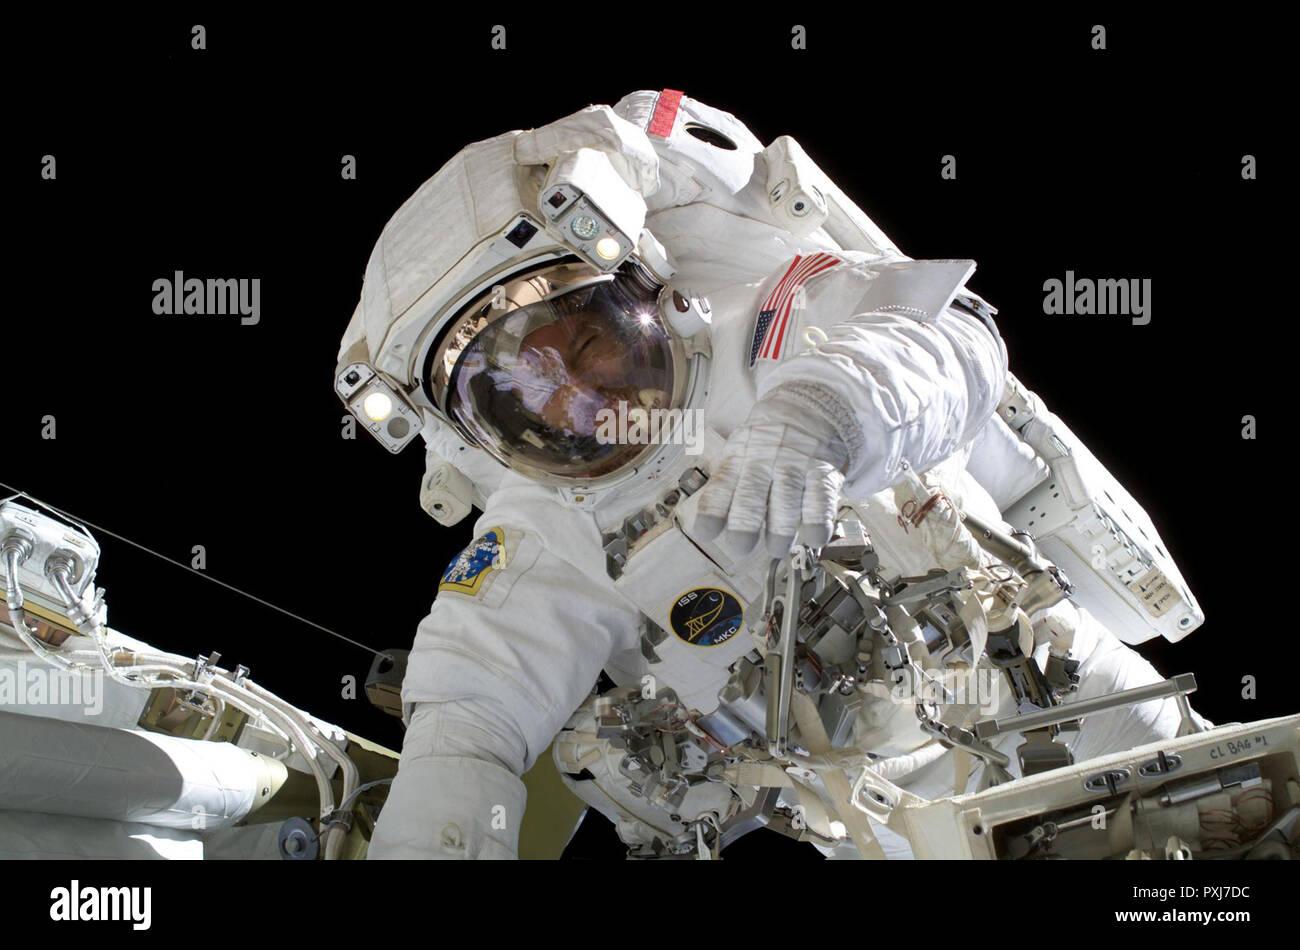 El astronauta Michael E. Lopez-Alegria, comandante de la expedición 14 y el oficial científico de la estación espacial de la NASA, participa en 6 horas, 40 minutos de paseo espacial como continúa la construcción de la Estación Espacial Internacional. Foto de stock